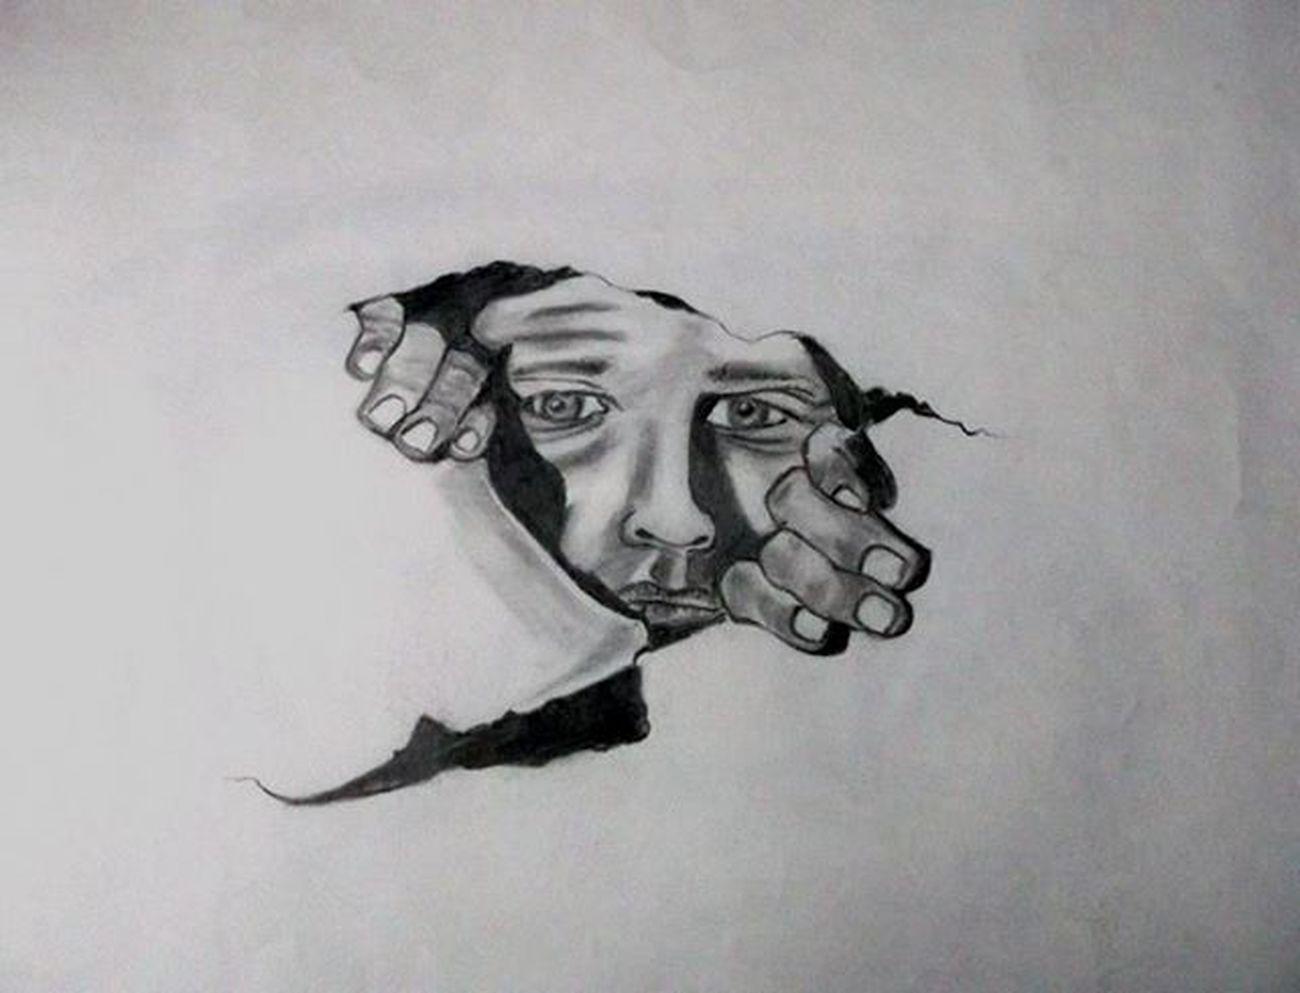 Illusion Artist Sketch Sketchers Sketchbook ArtWork Art Recreation  Coverartwork Graphicdesigner Rapper Imagination Pencil Pencilsketch Inktober Popularpic HASHTAG Like Endhrance Tearing People Darkness Light Seek